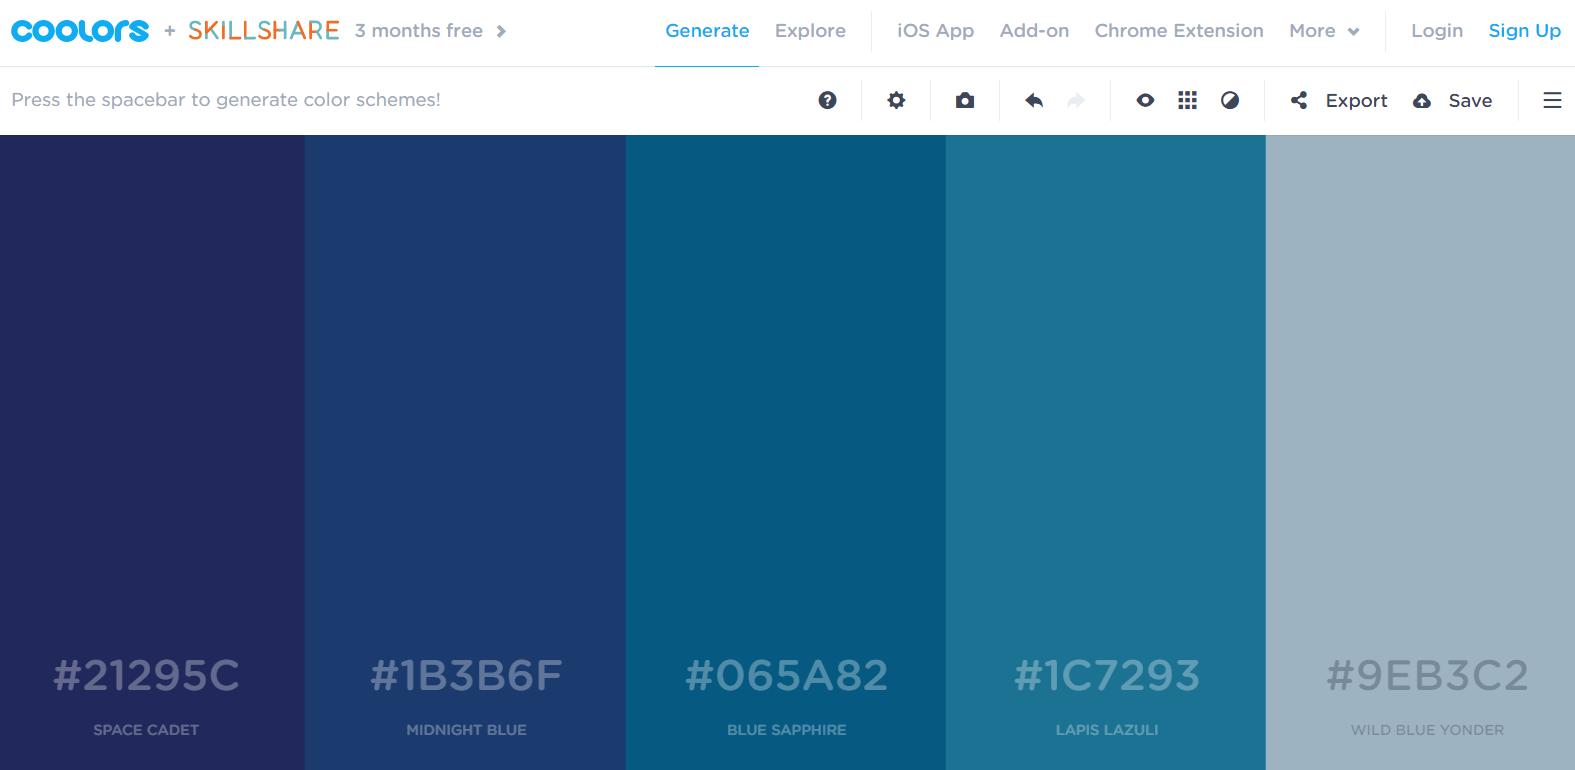 nonprofit-website-design-tips-color-coolors